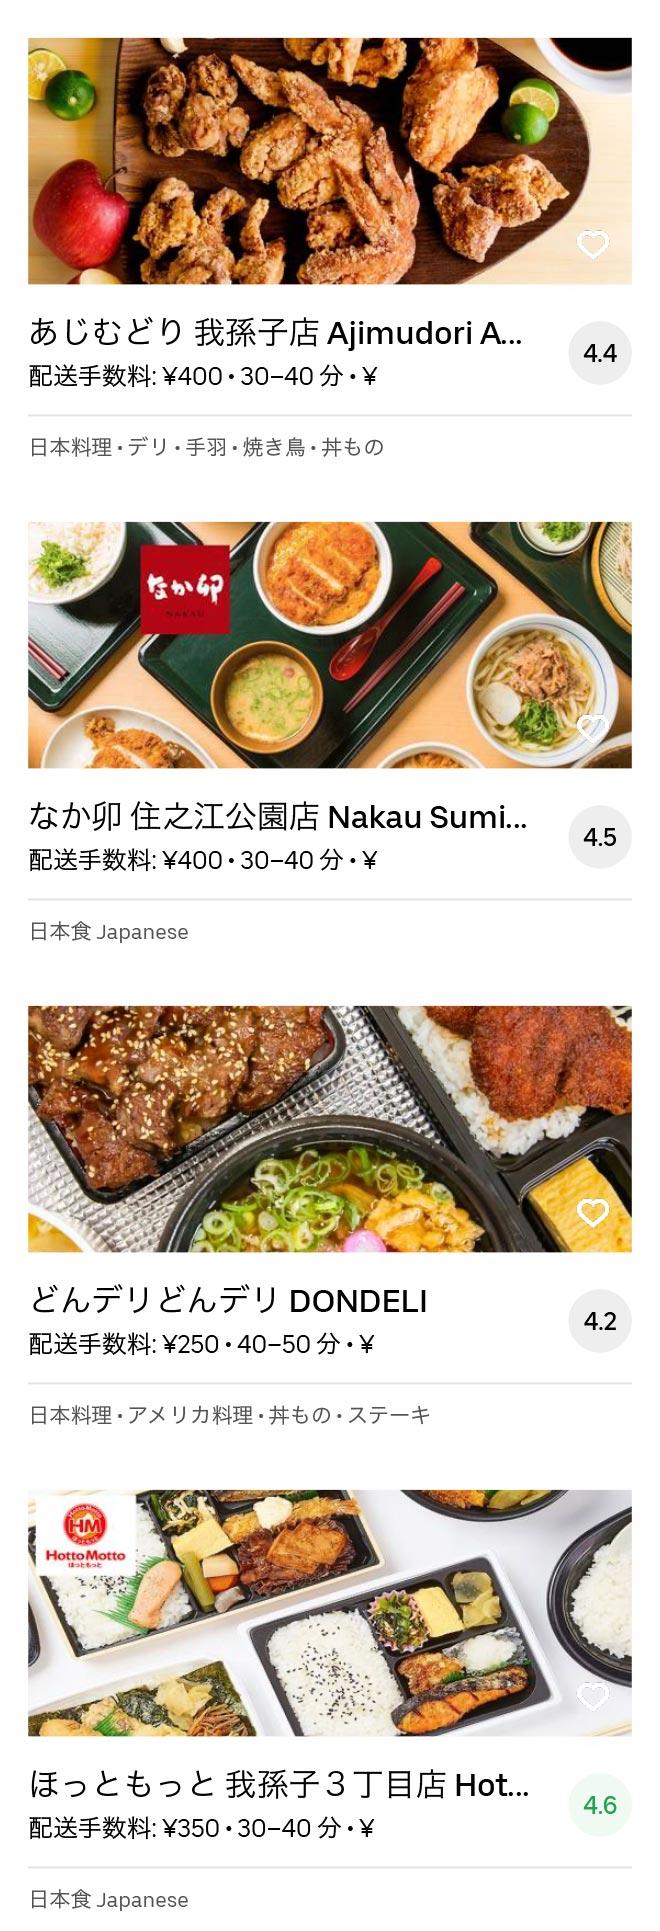 Sakai sakai higashi menu 2005 06